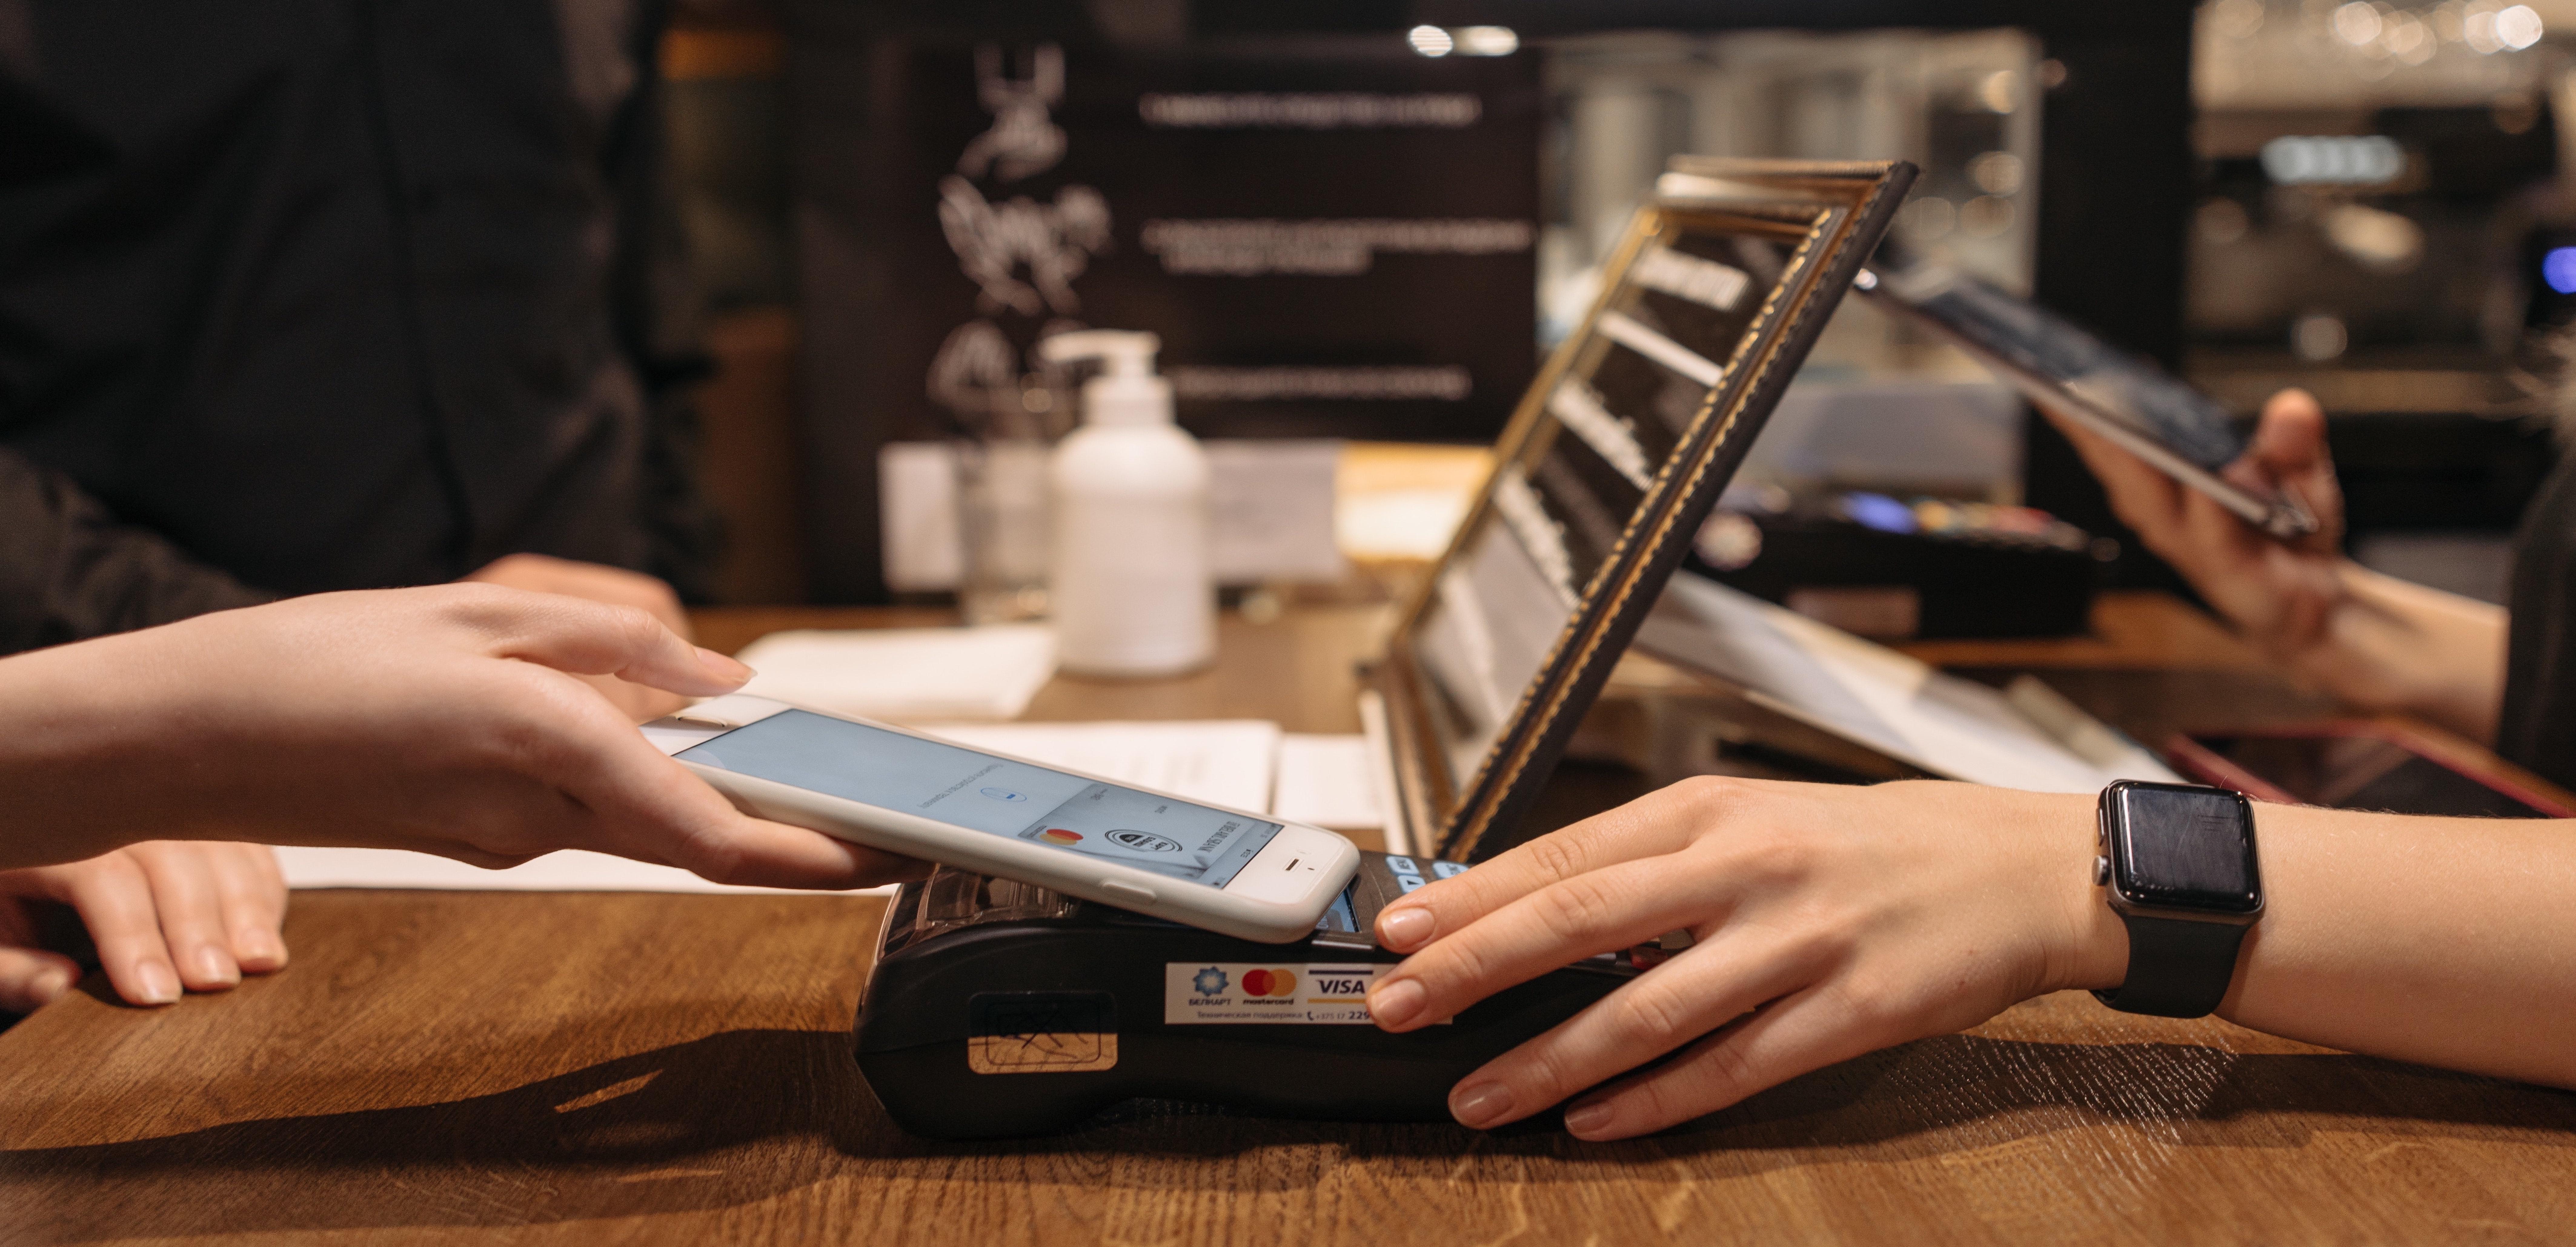 Transactions commerçants : comment réduire son taux de commission ?